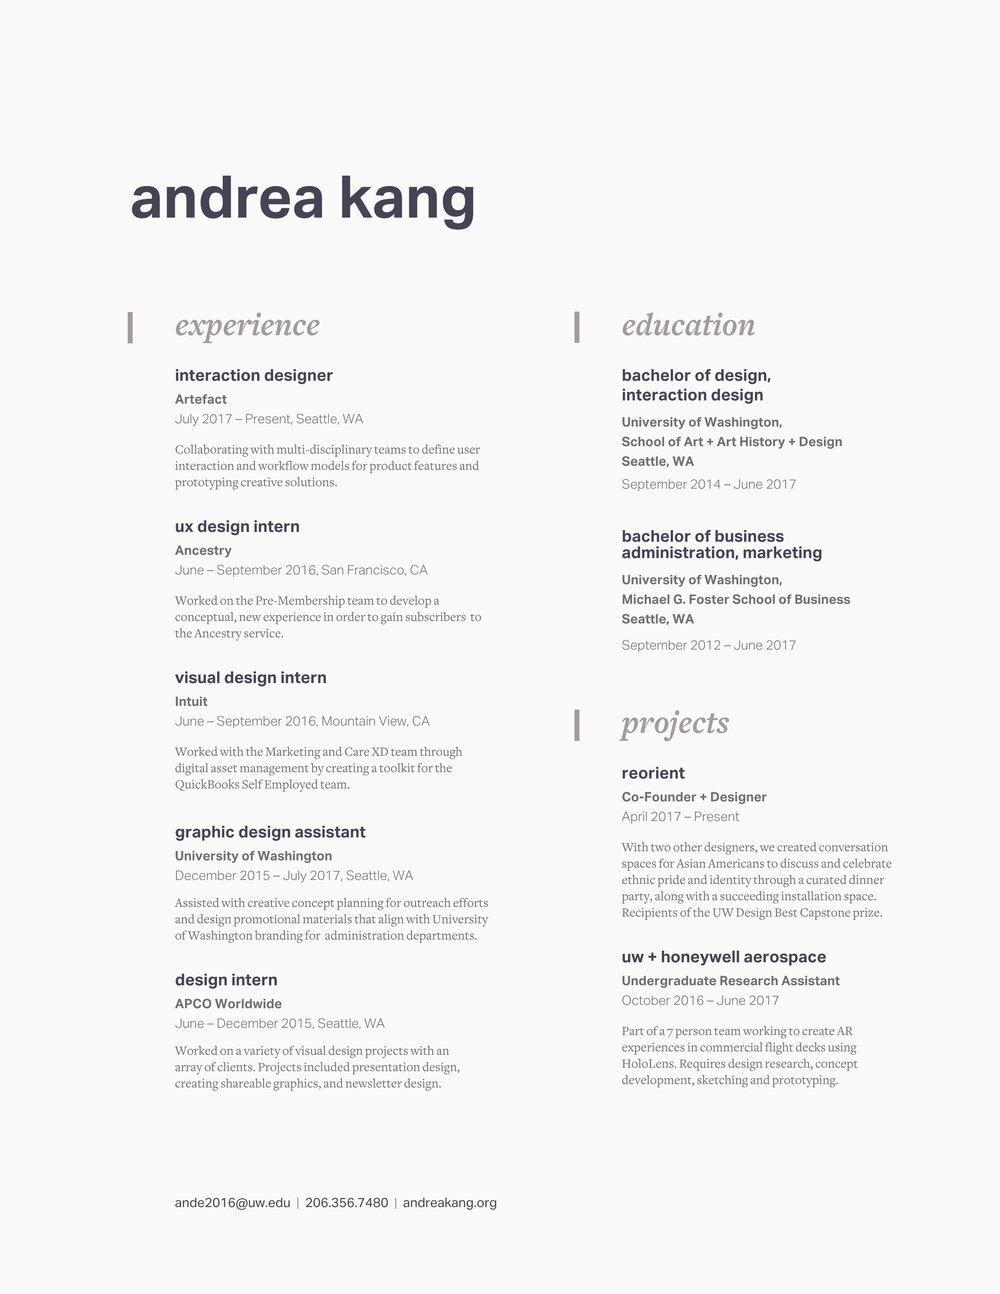 Resume Andrea Kang